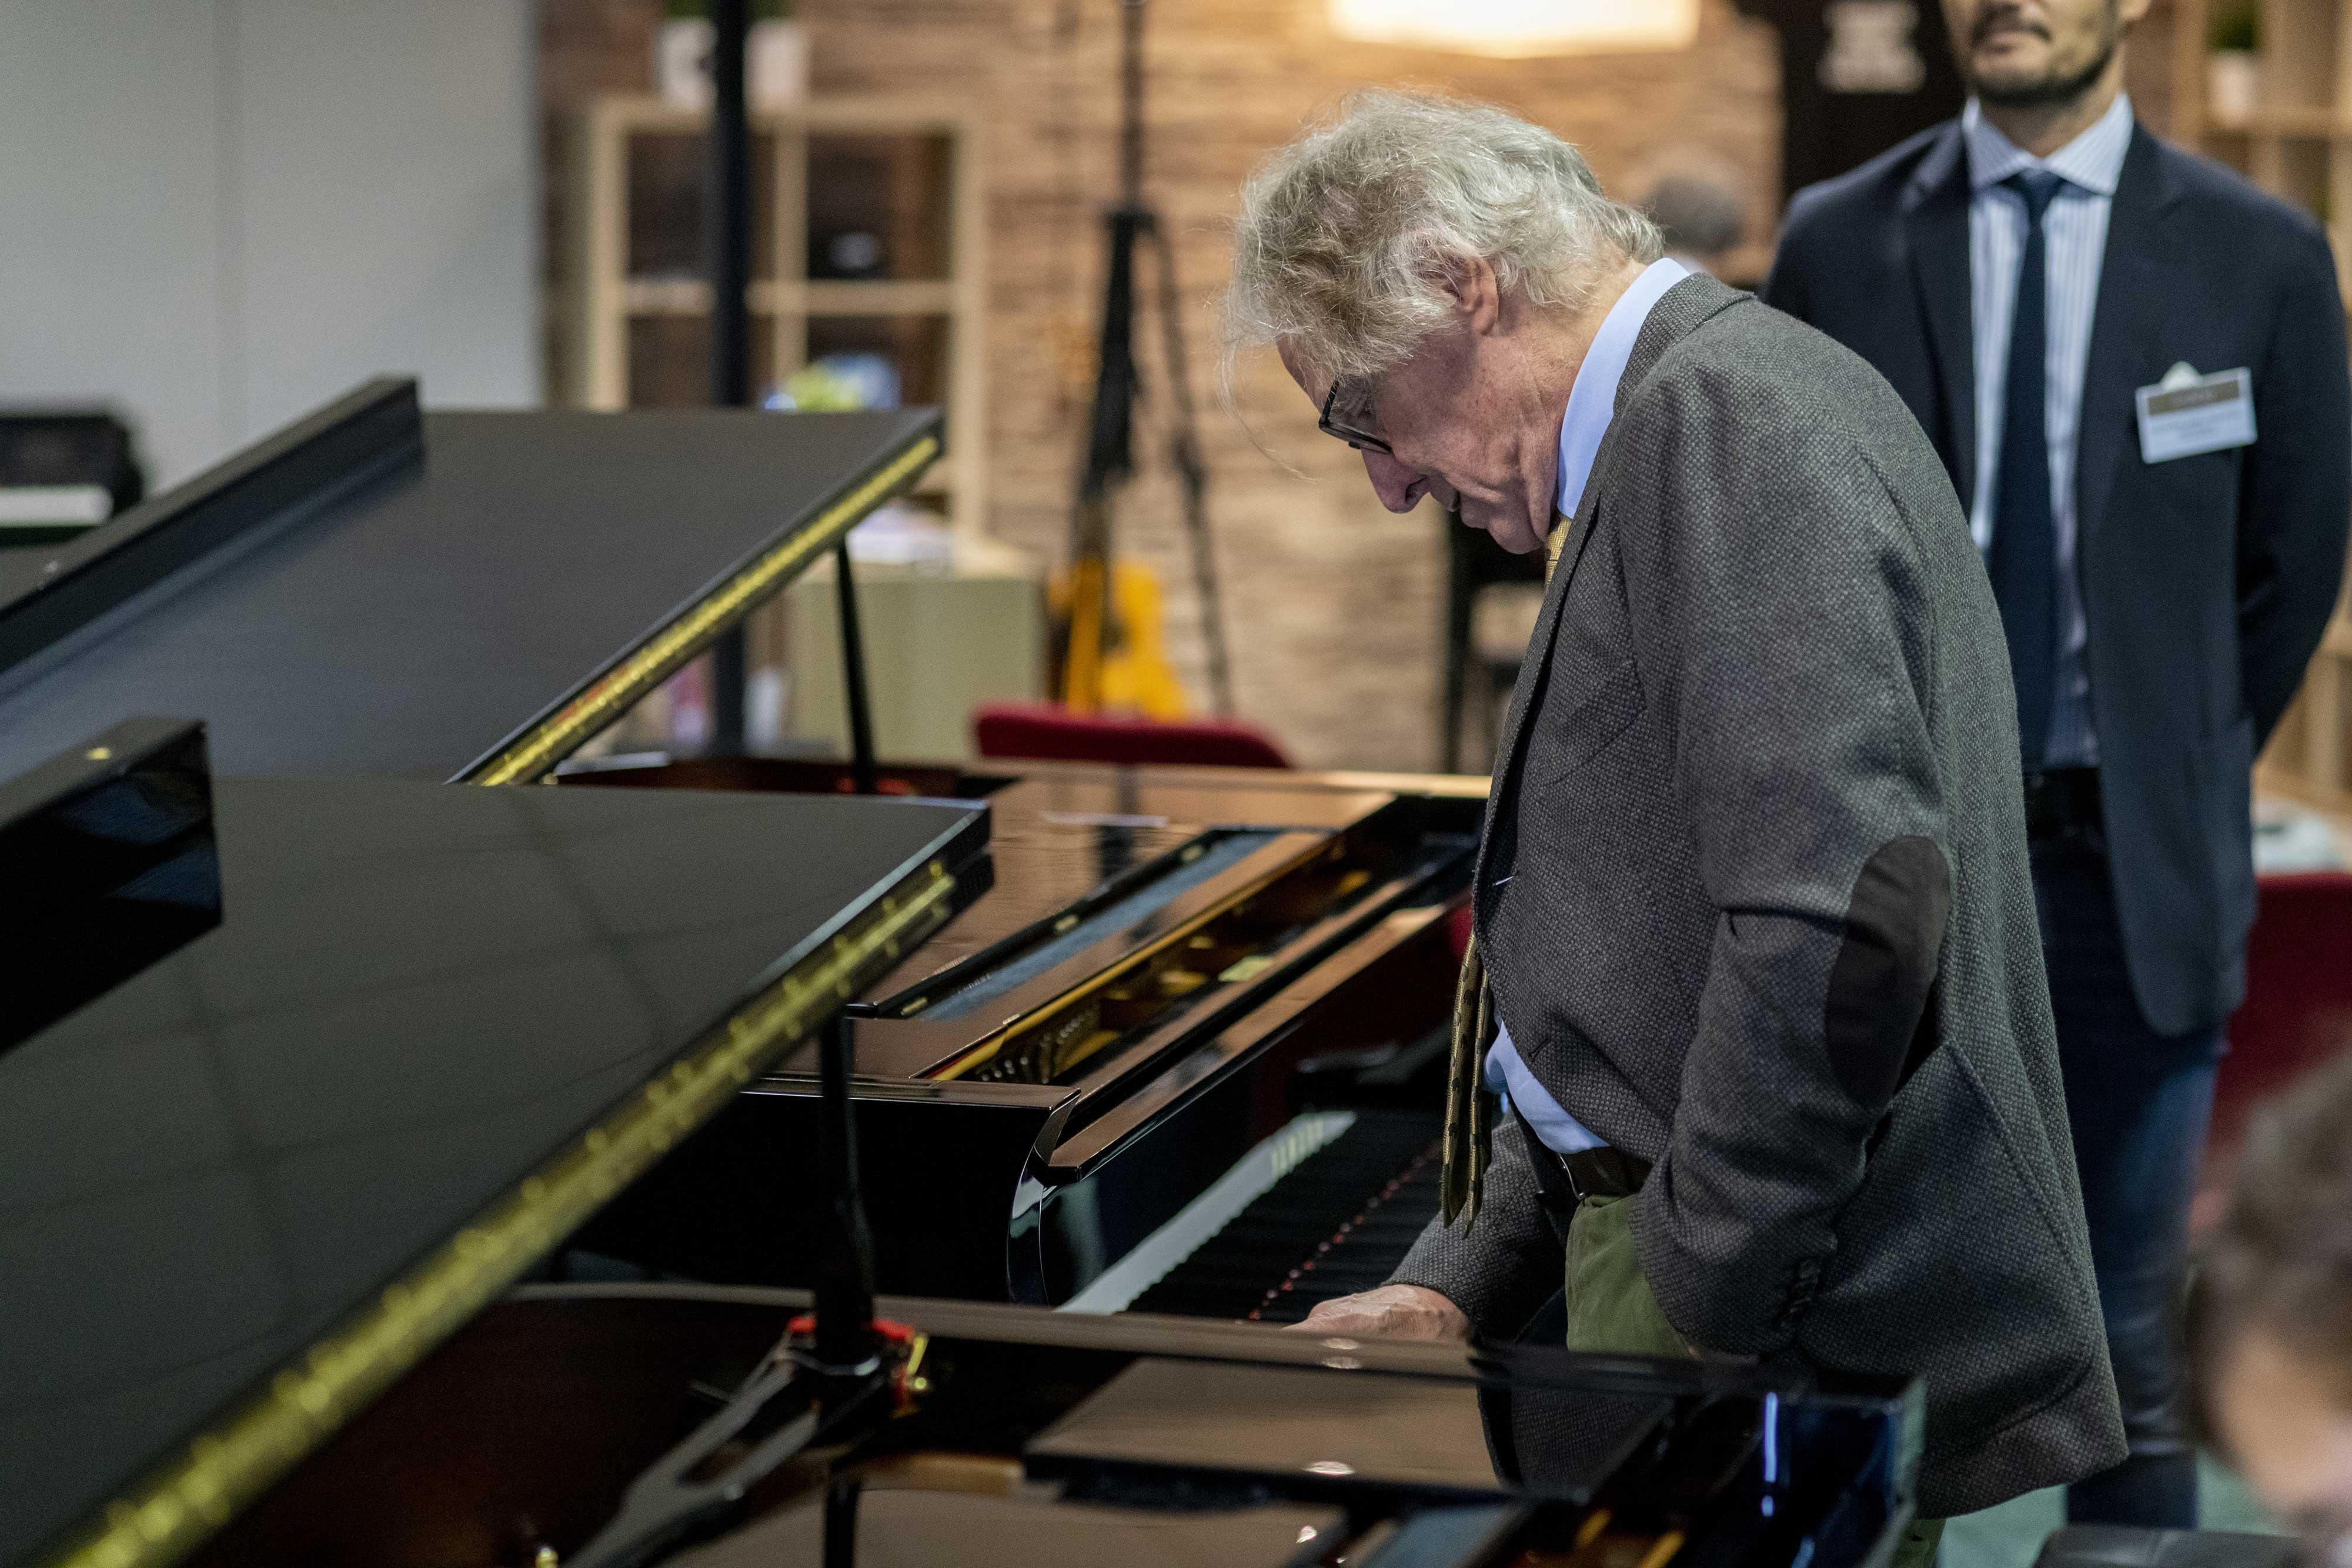 Pianoforti Yamaha